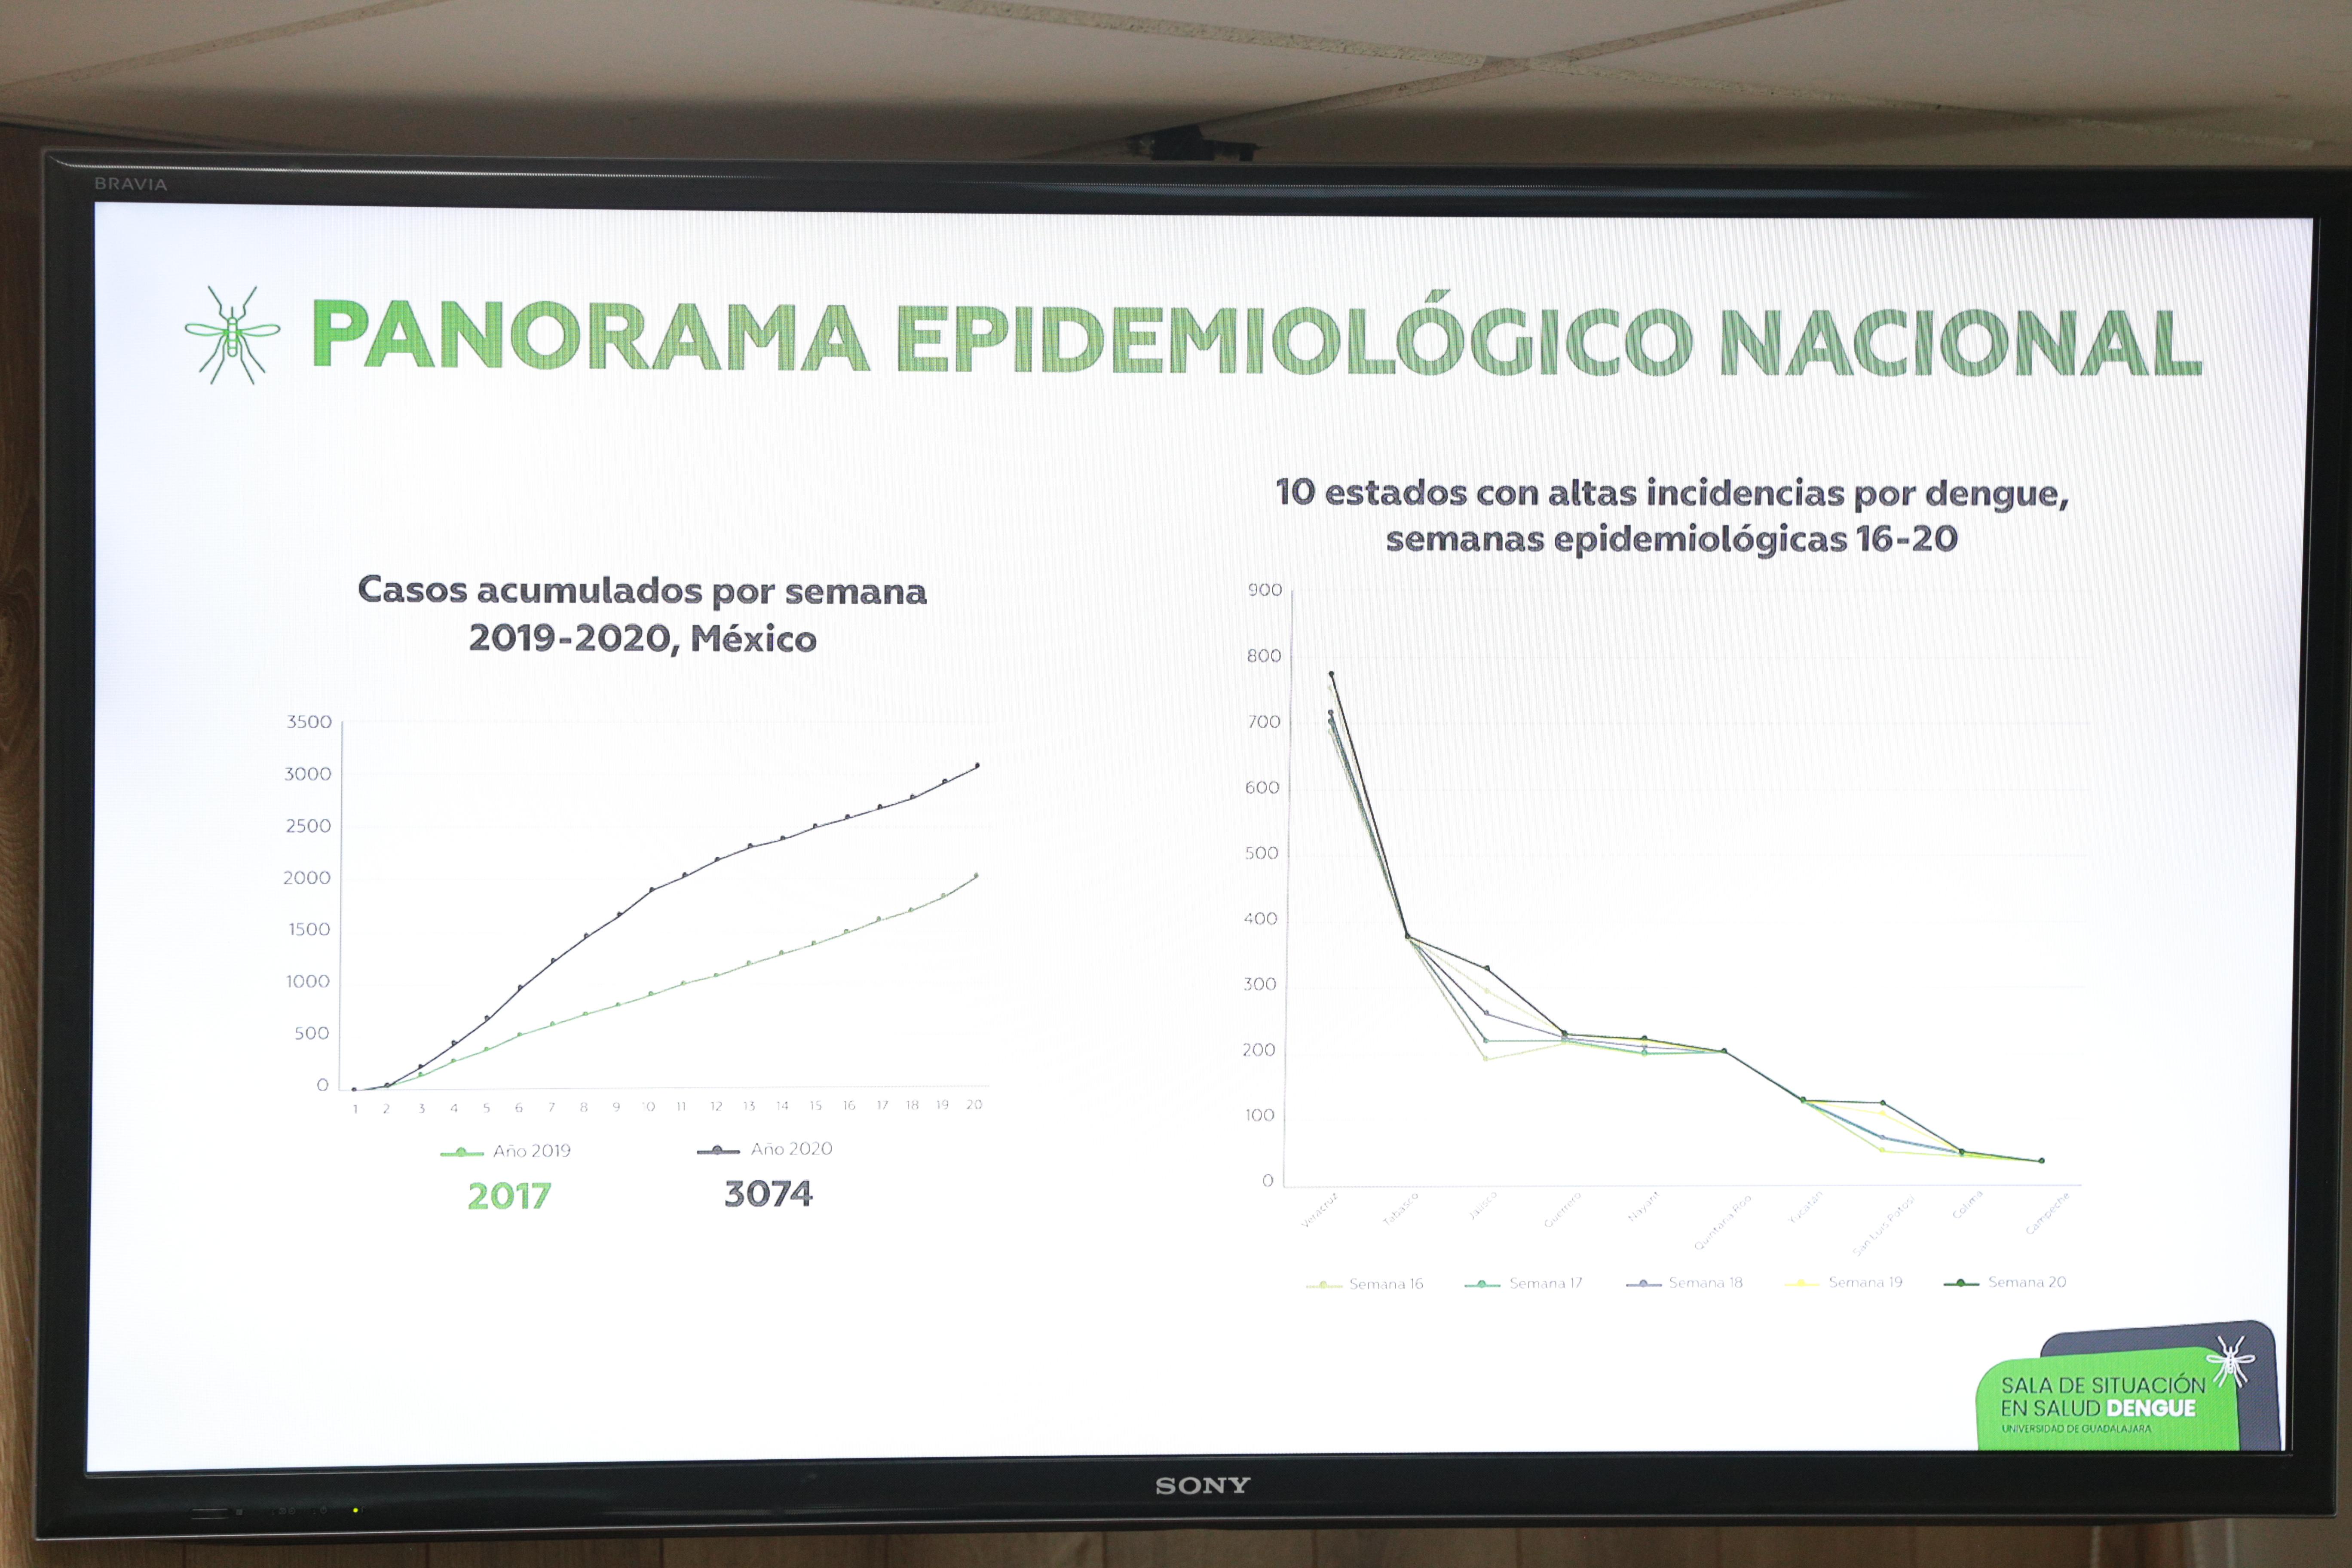 Diapositiva con el perfil epidemiológico del dengue